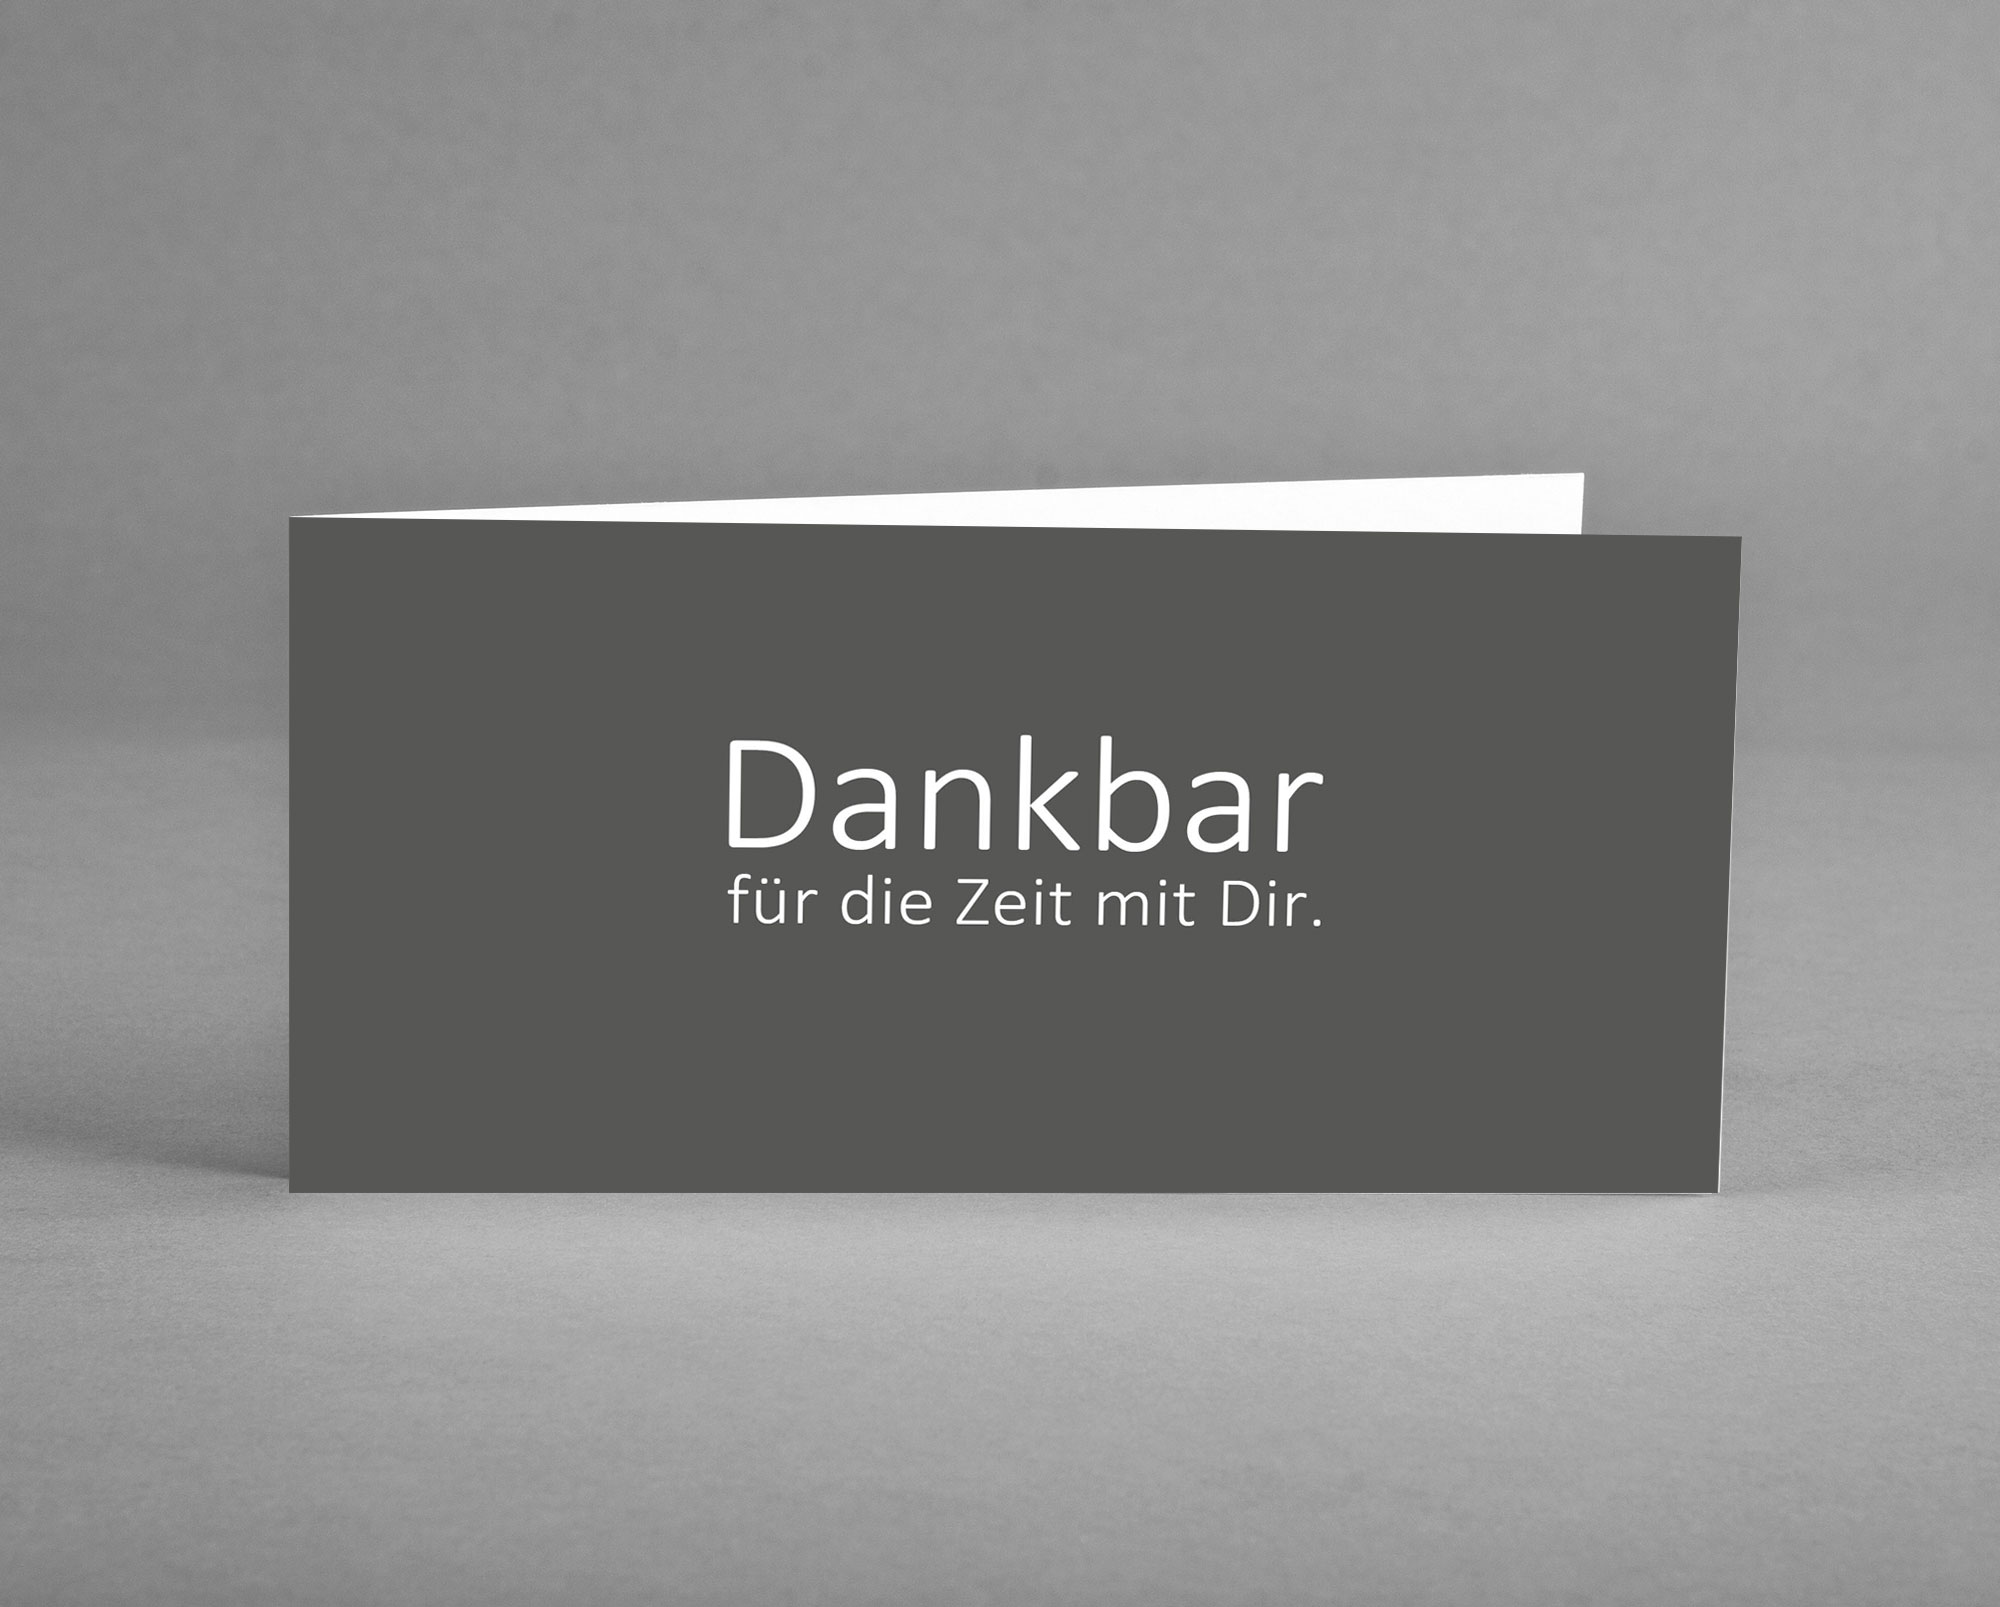 Traueranzeige_Trauerkarte_Dankbar_grusskarten-design_aussen_2cXCWLiRYE6H3c